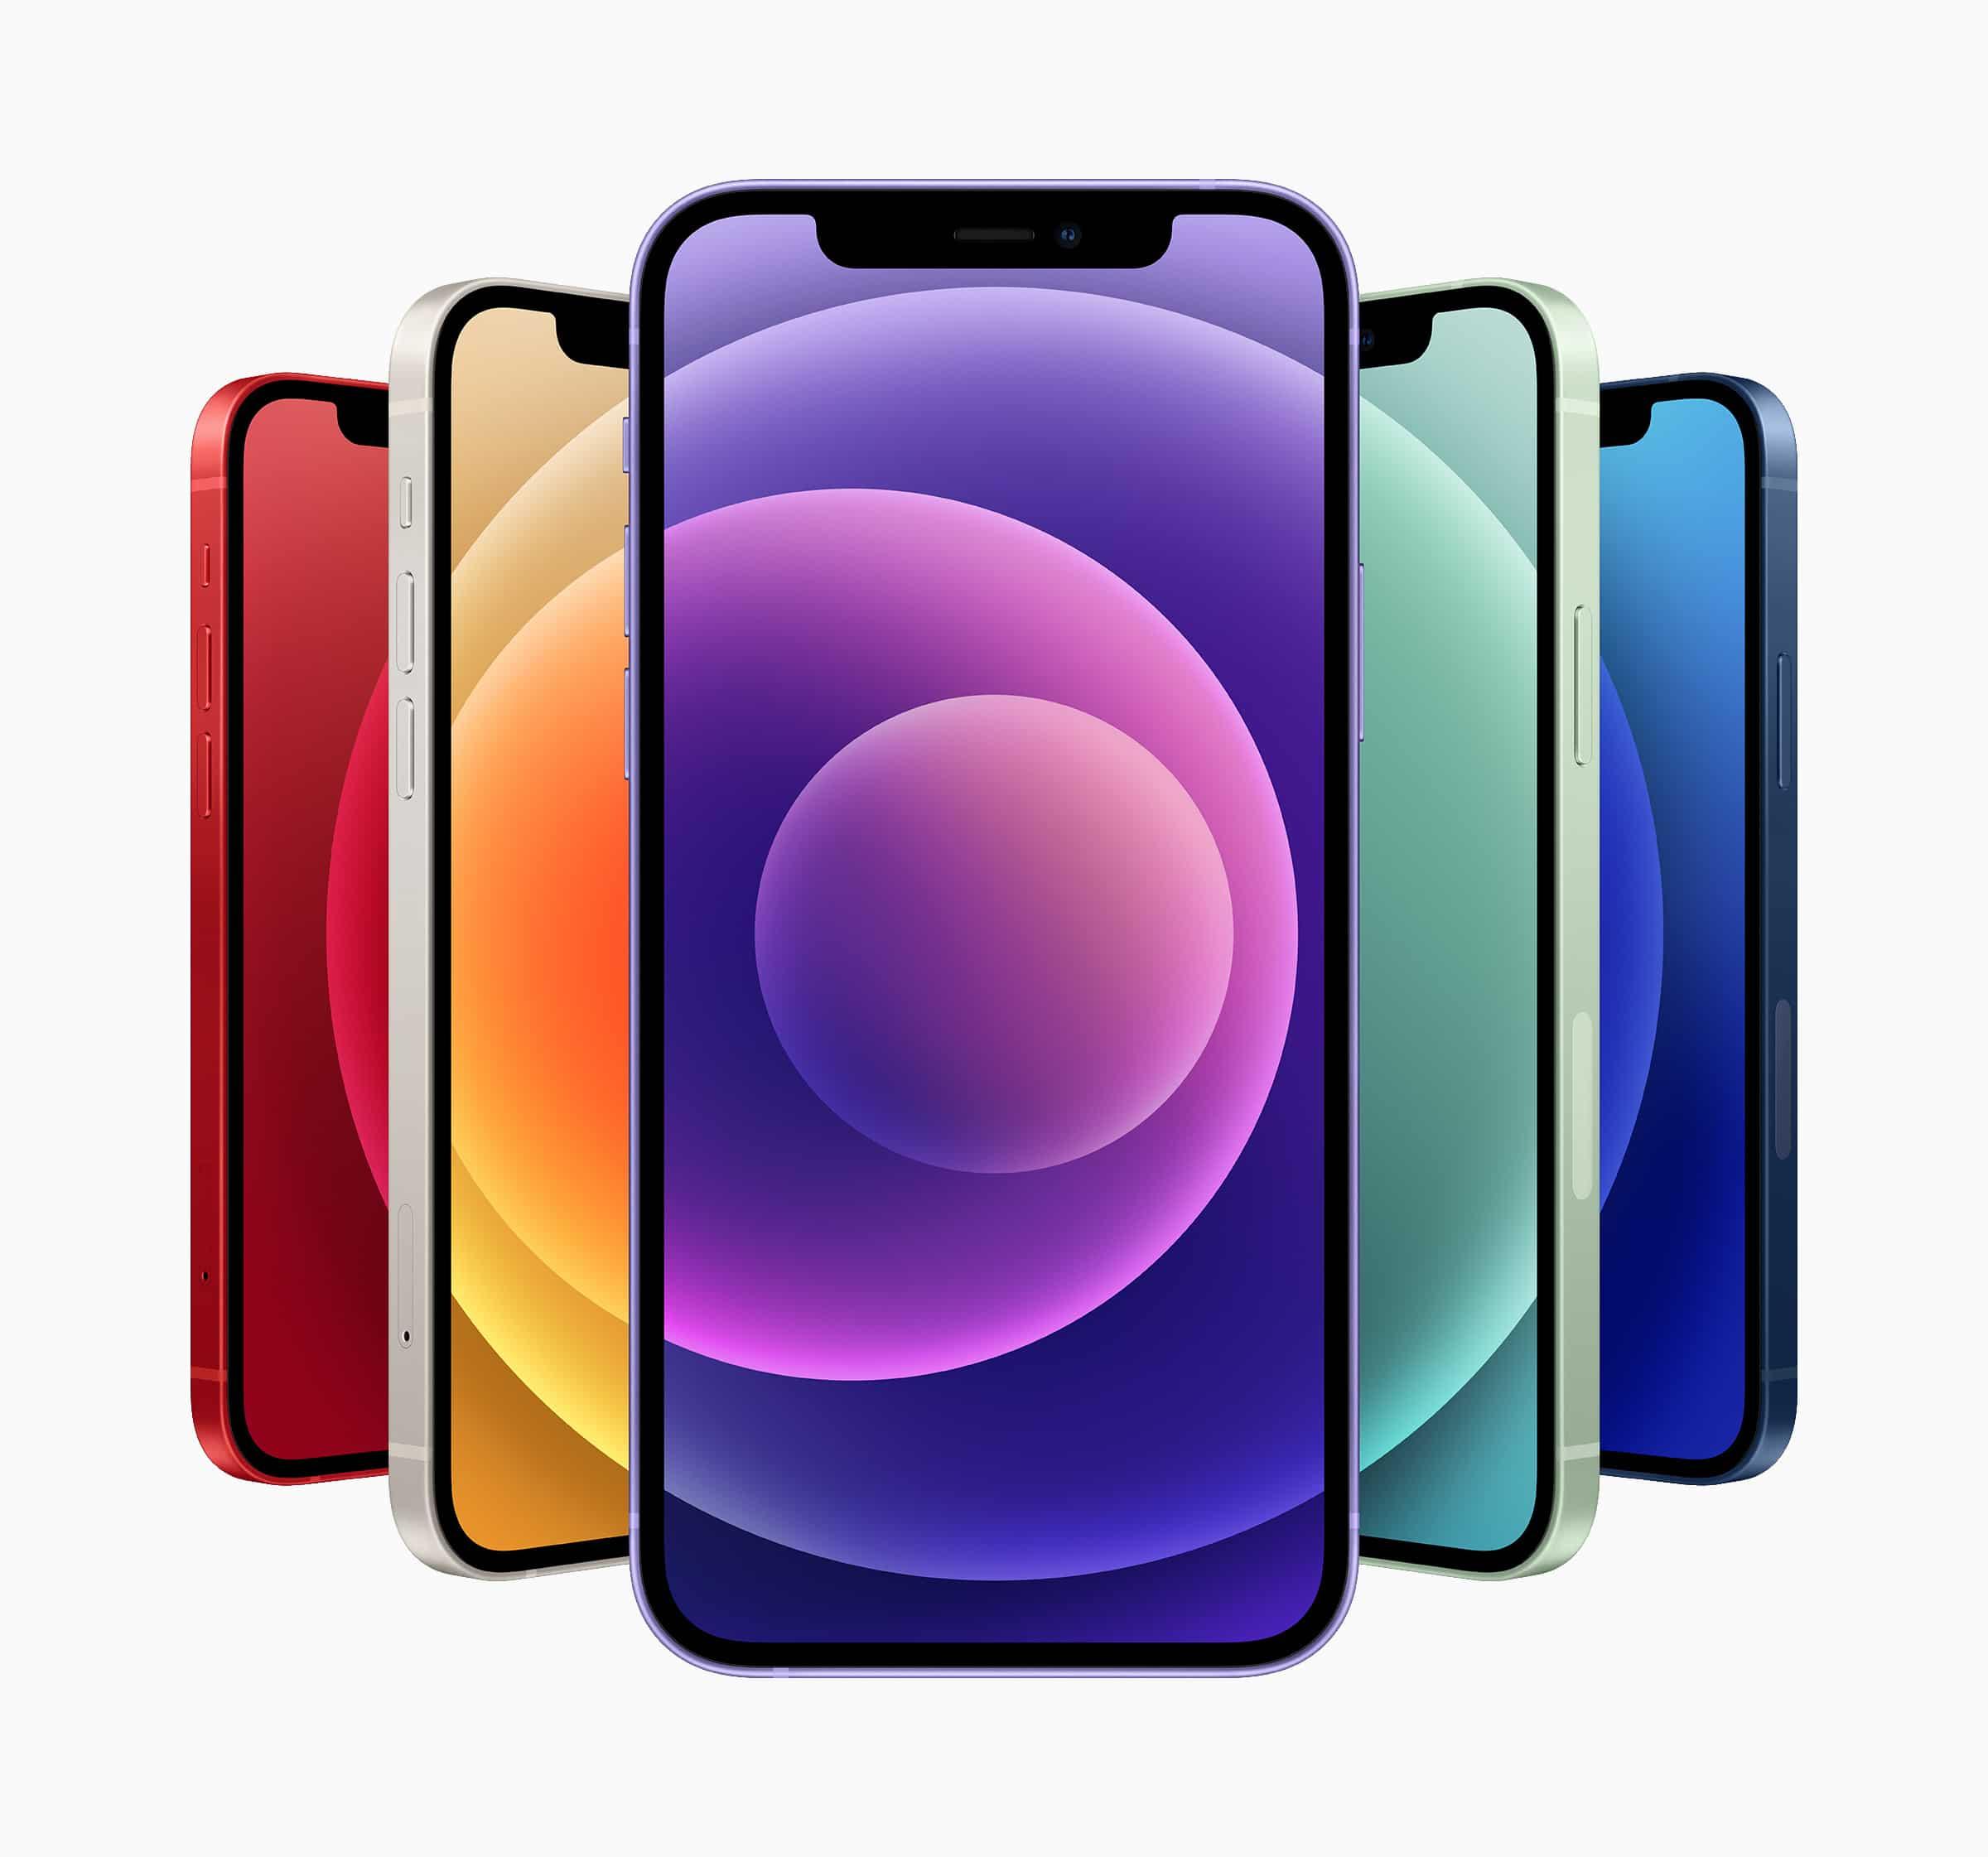 Todos los colores de los iPhones 12/12 mini, destacando el nuevo morado